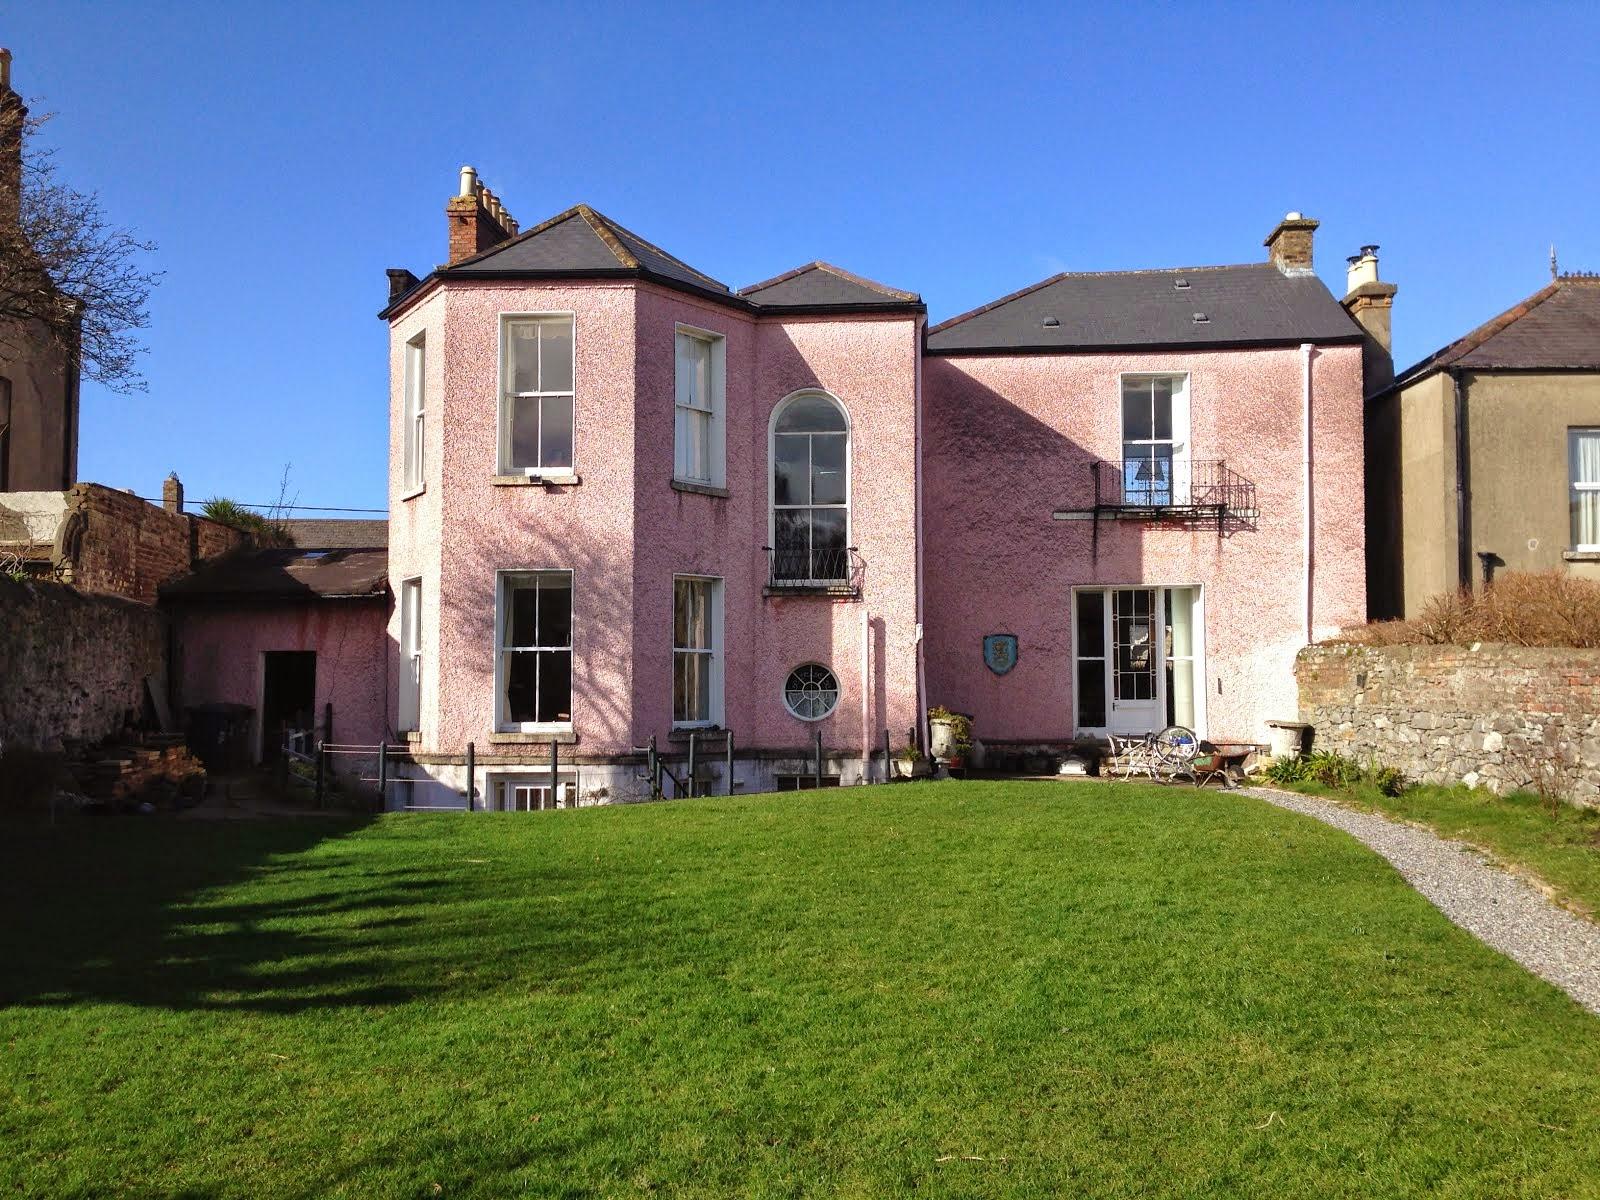 My Dublin House